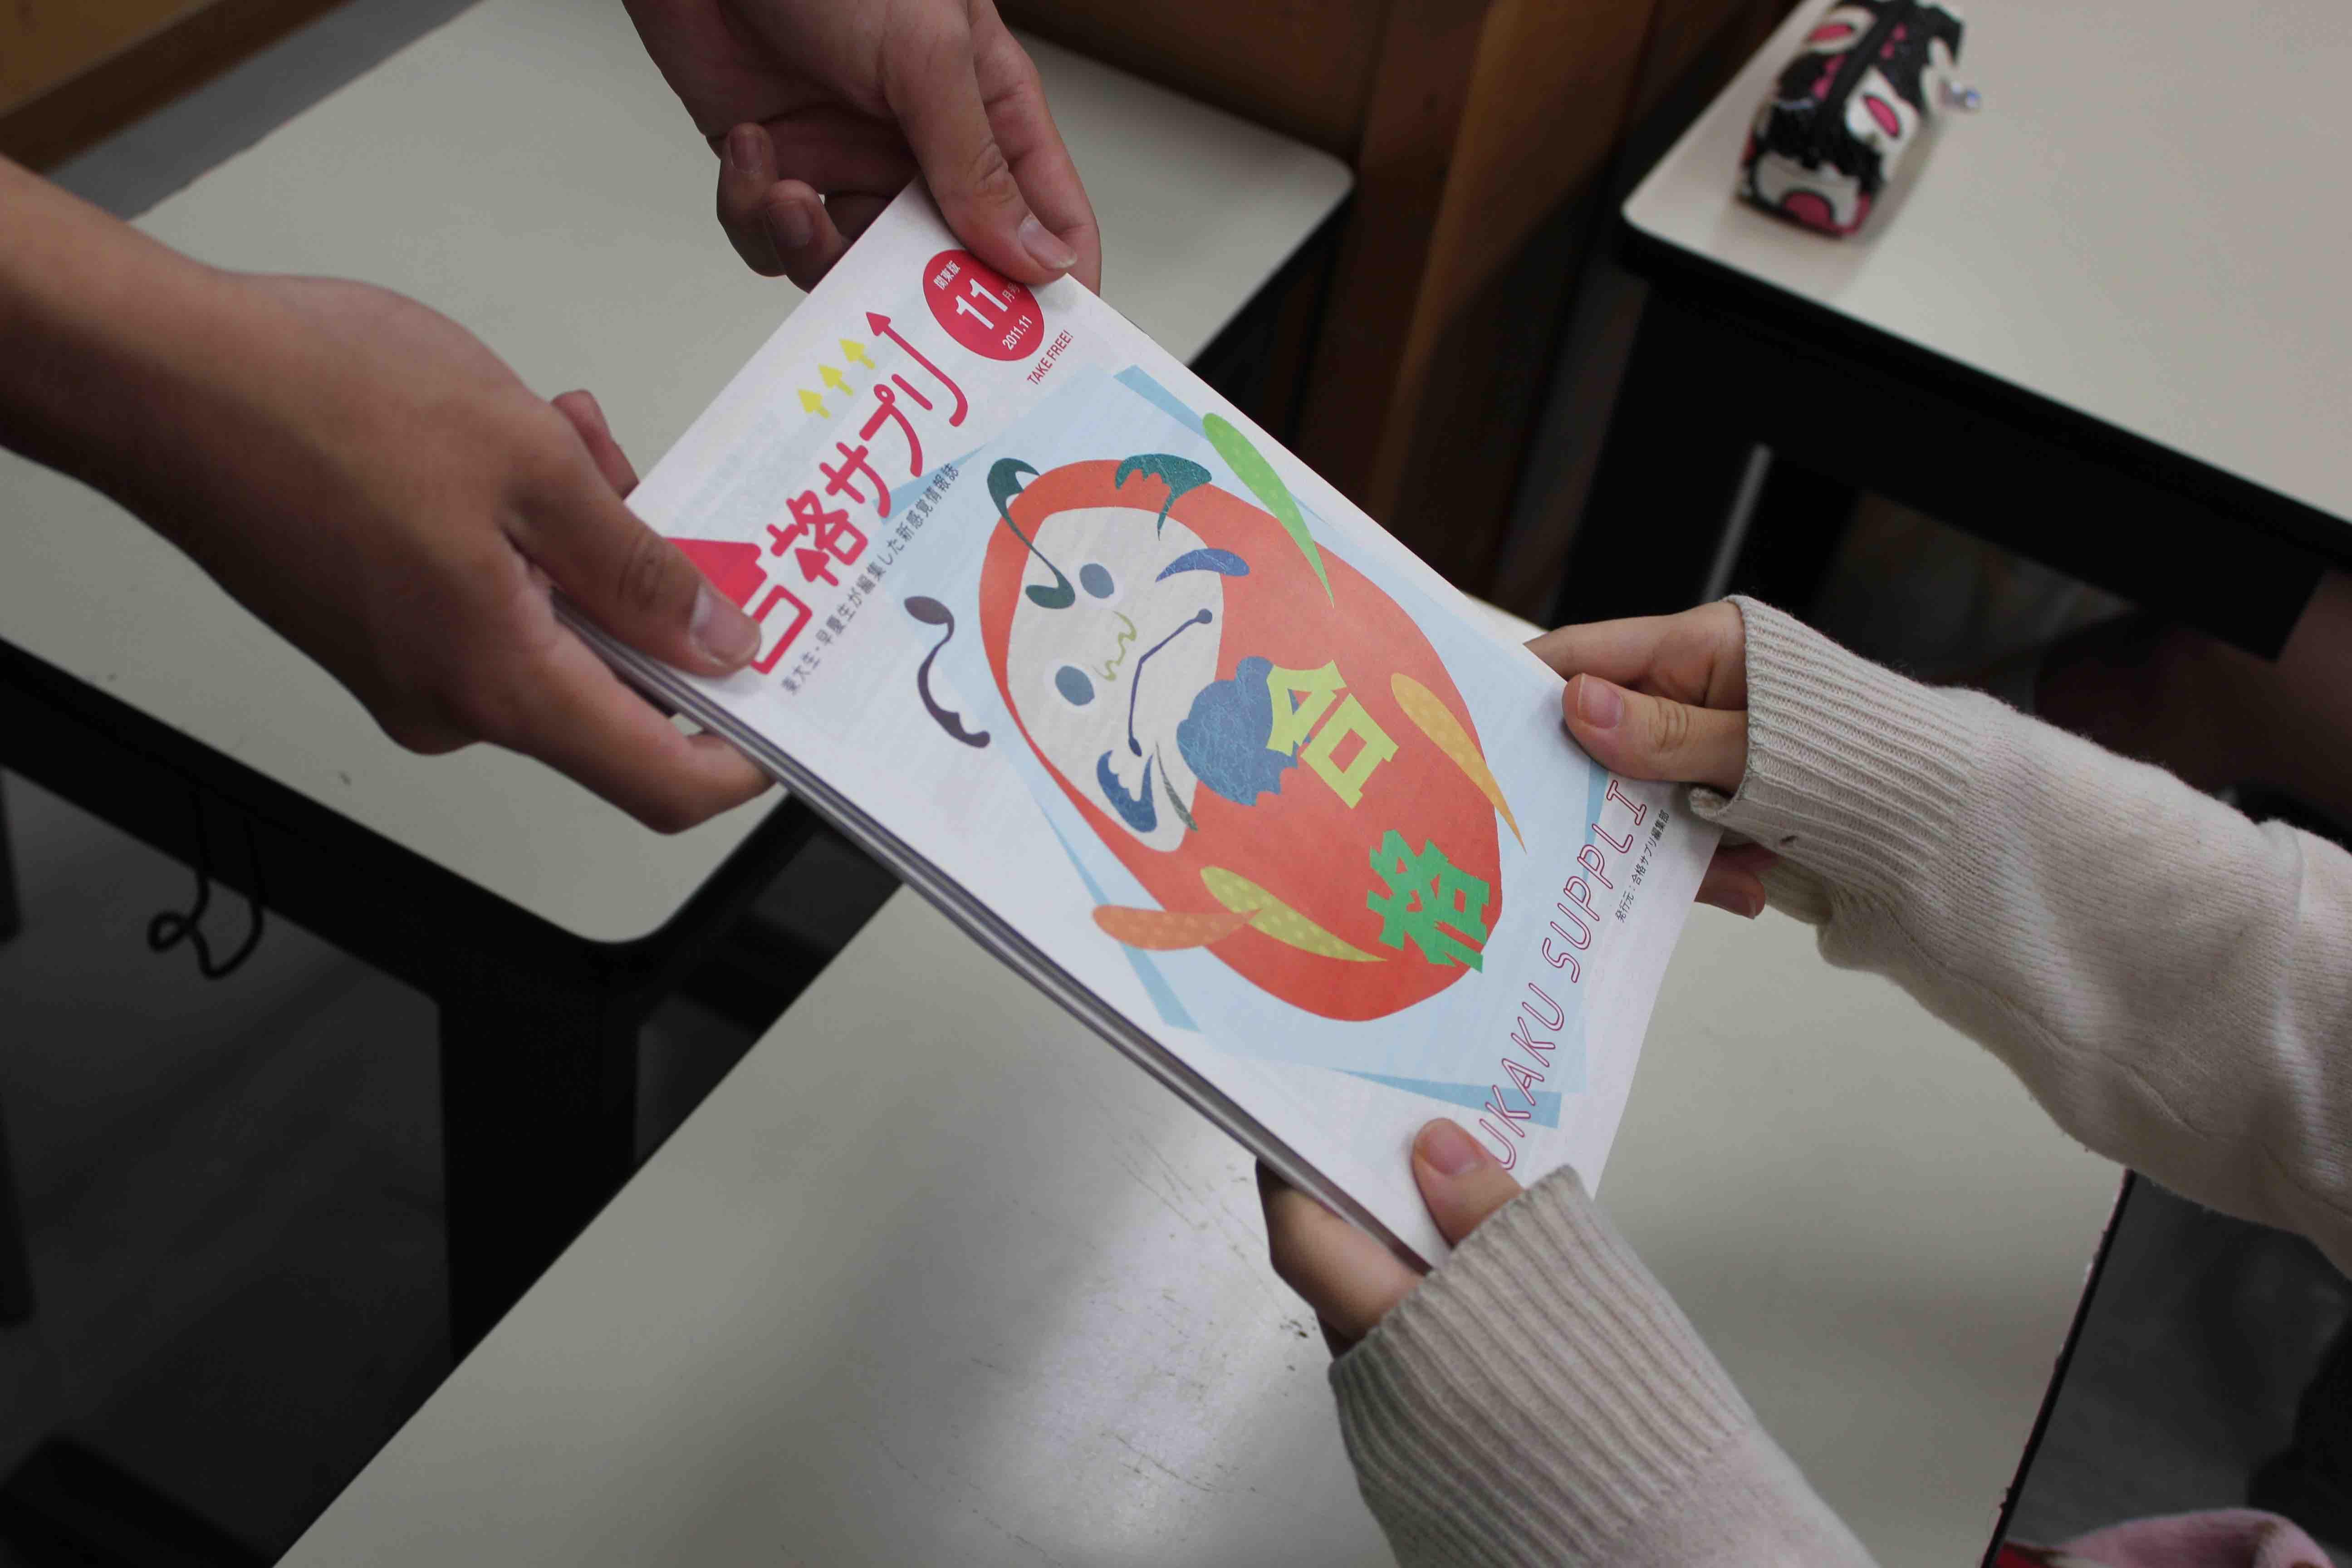 goukaku-suppli_2015-09-12_06-42-41-1.jpg